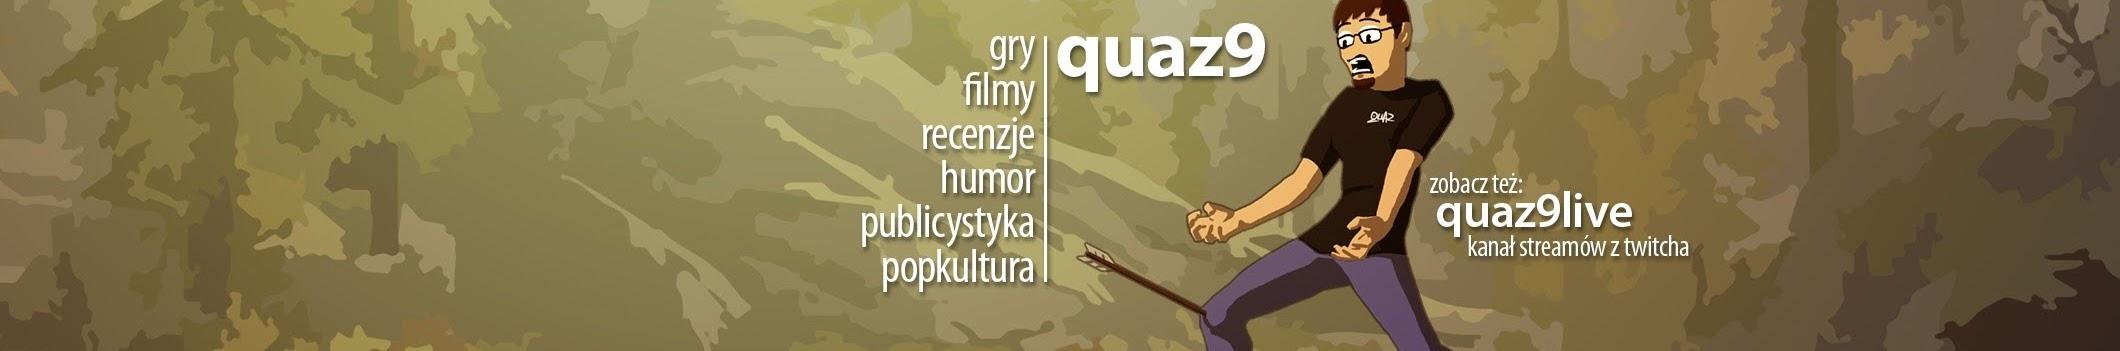 quaz9